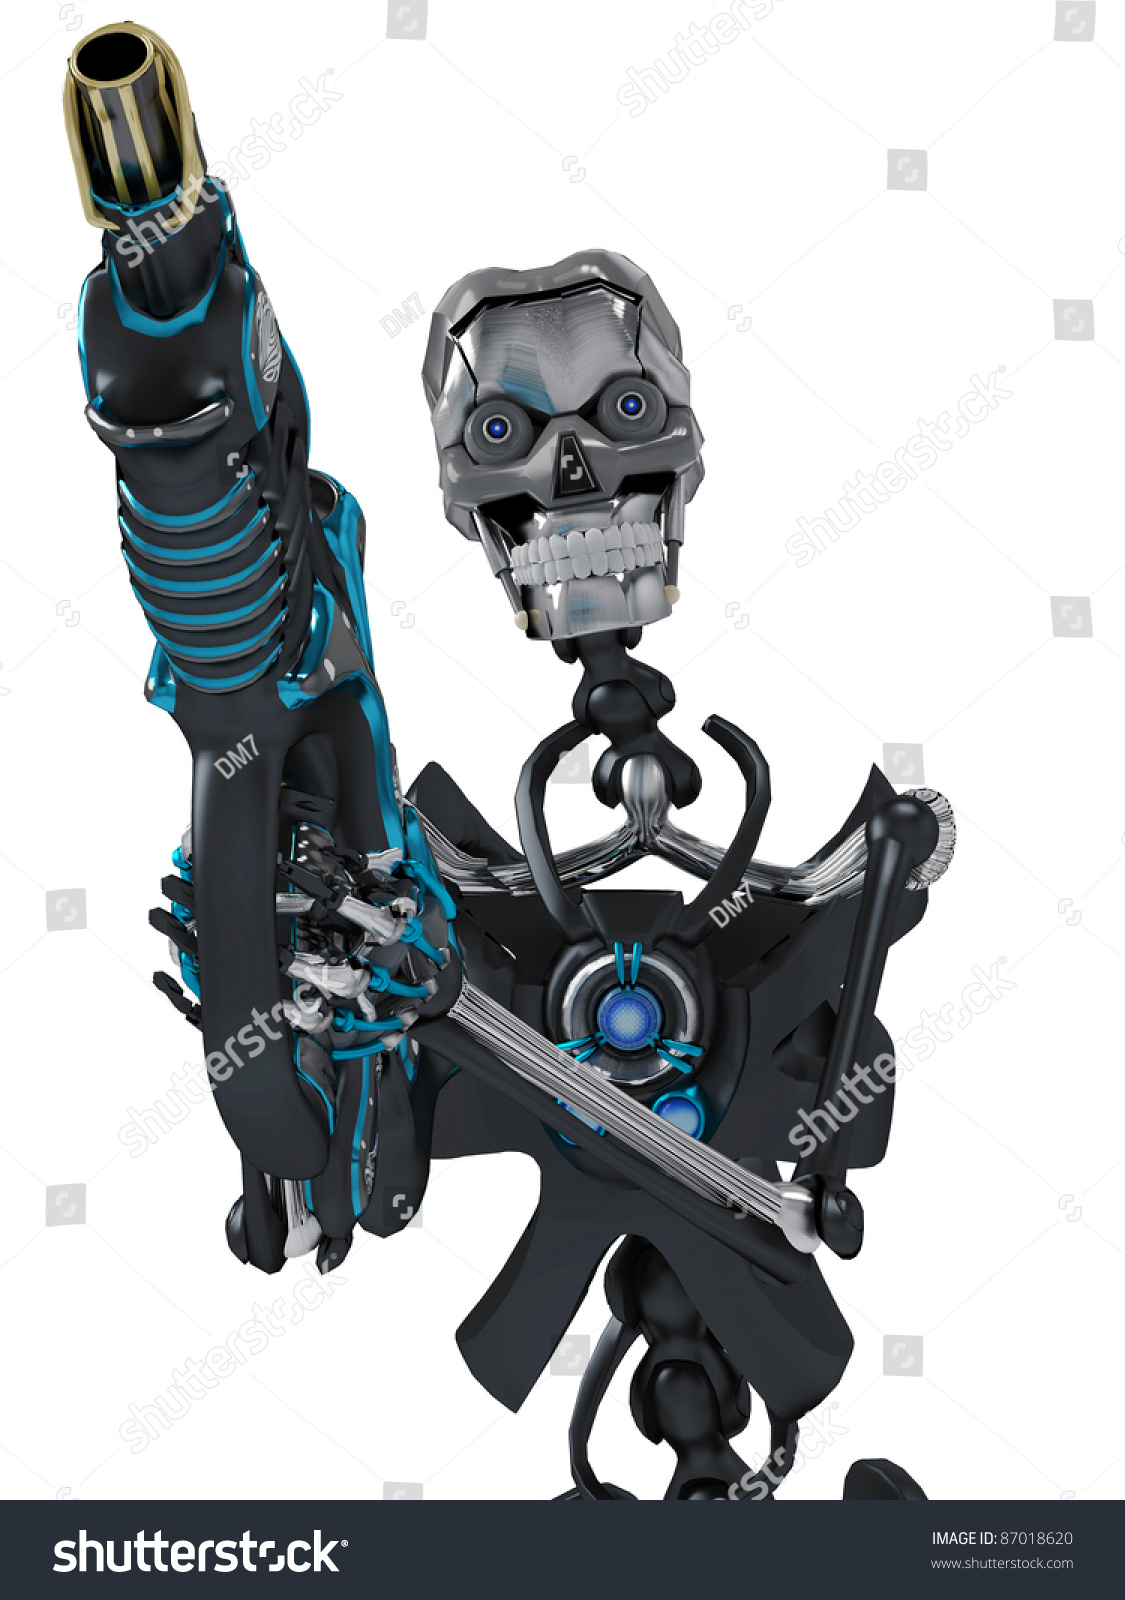 skeleton robot holding a laser gun